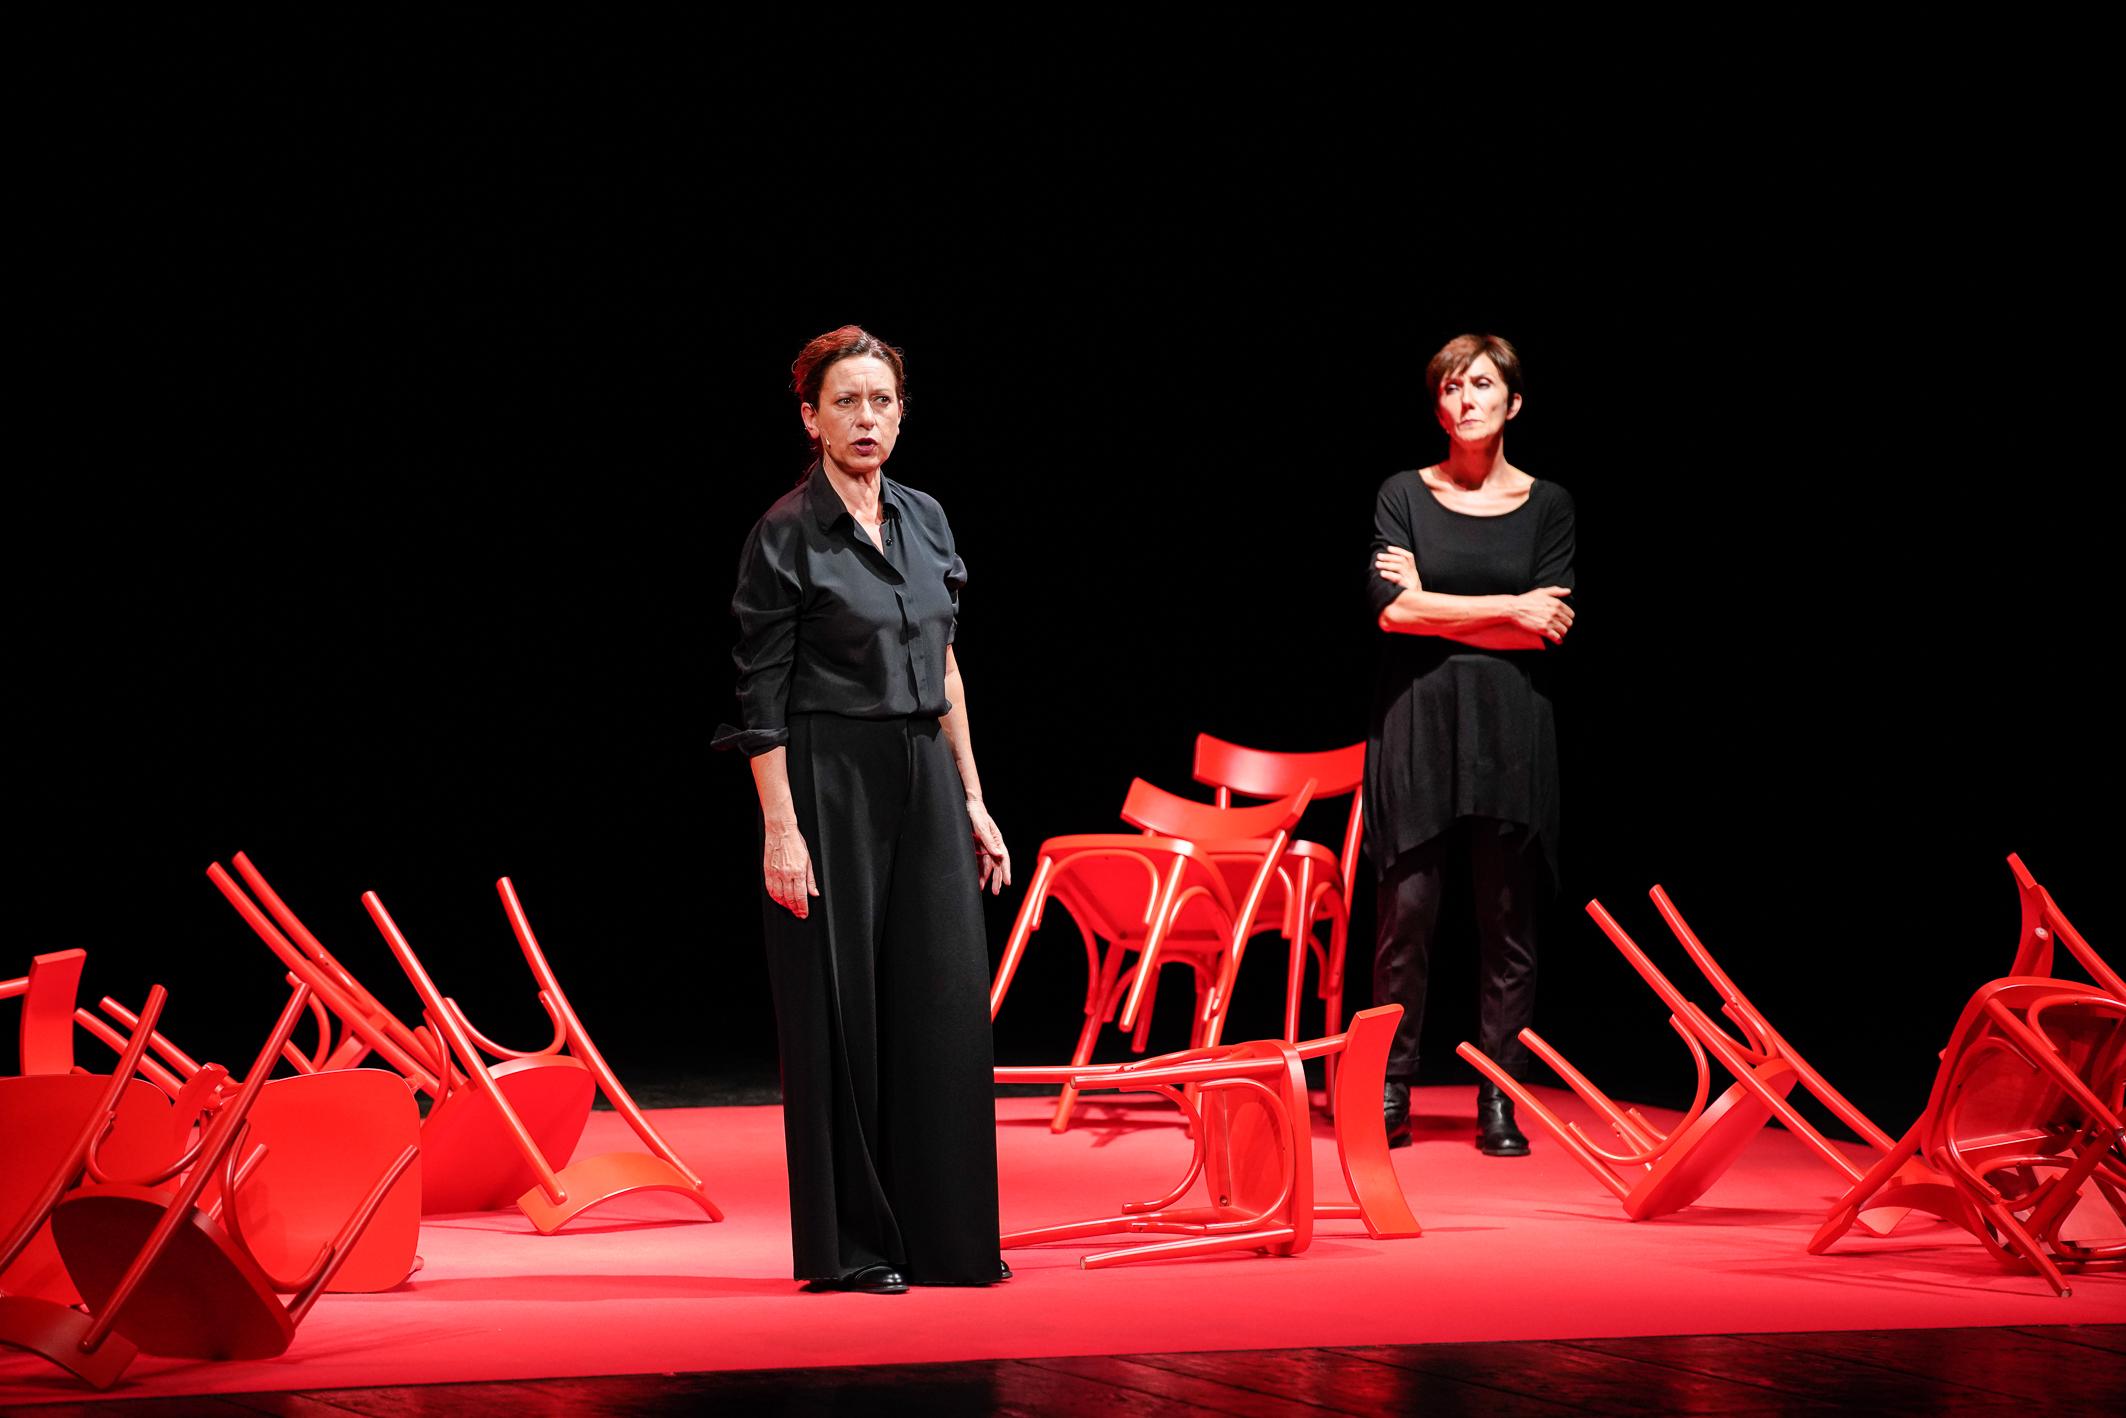 Giuliana Musso, Dentro un'altra storia (vera, se volete). Courtesy La Biennale di Venezia. Photo © Andrea Avezzù